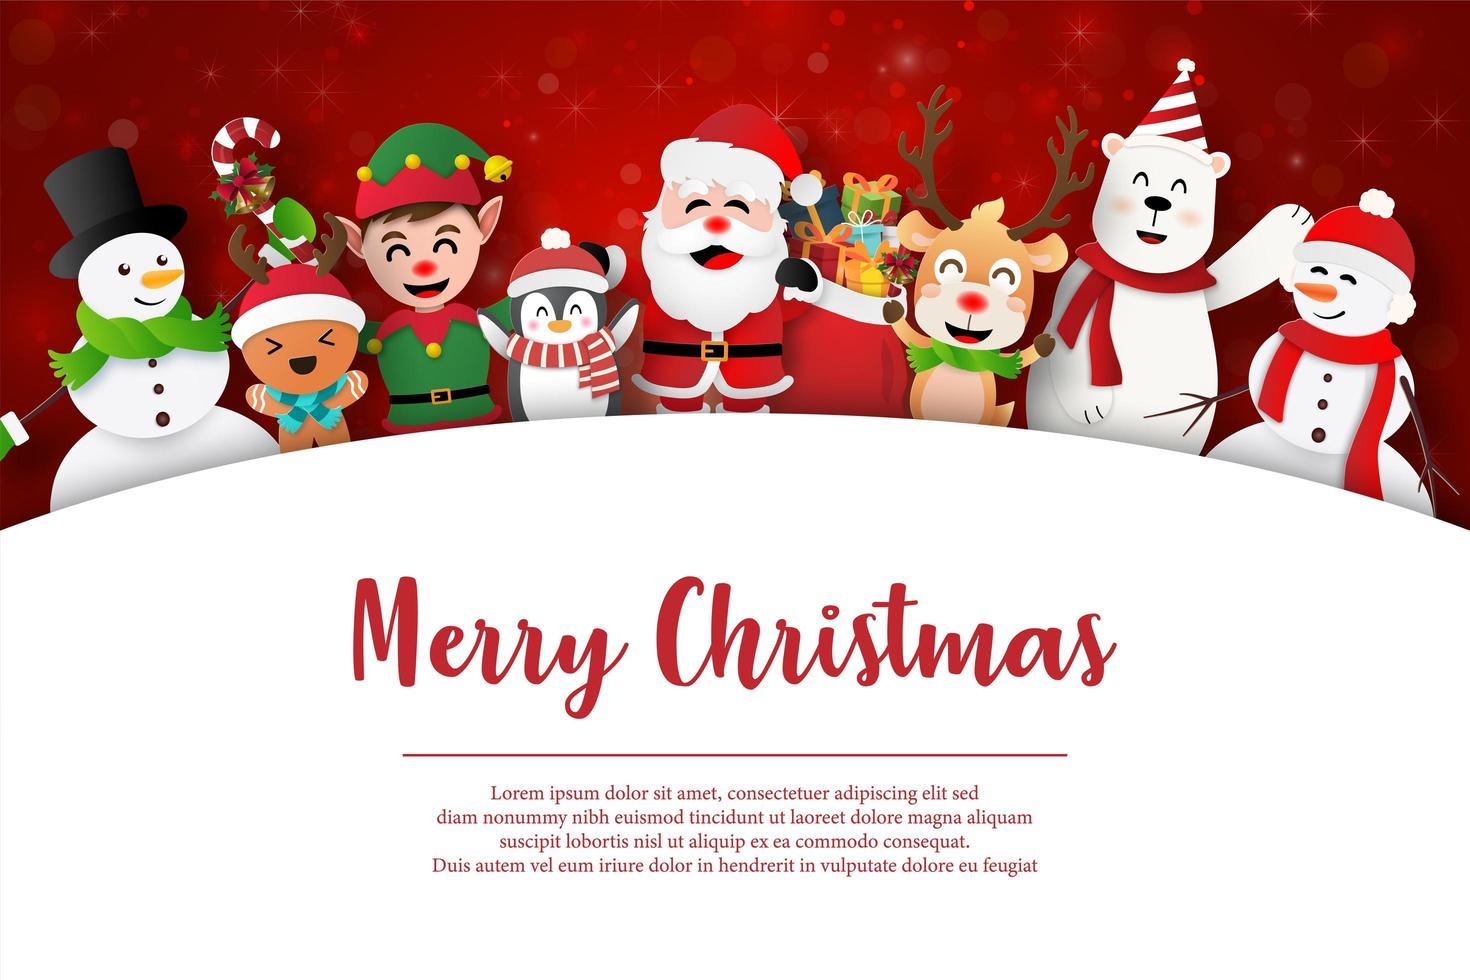 buon natale e felice anno nuovo, babbo natale e amici sulla cartolina di natale vettore